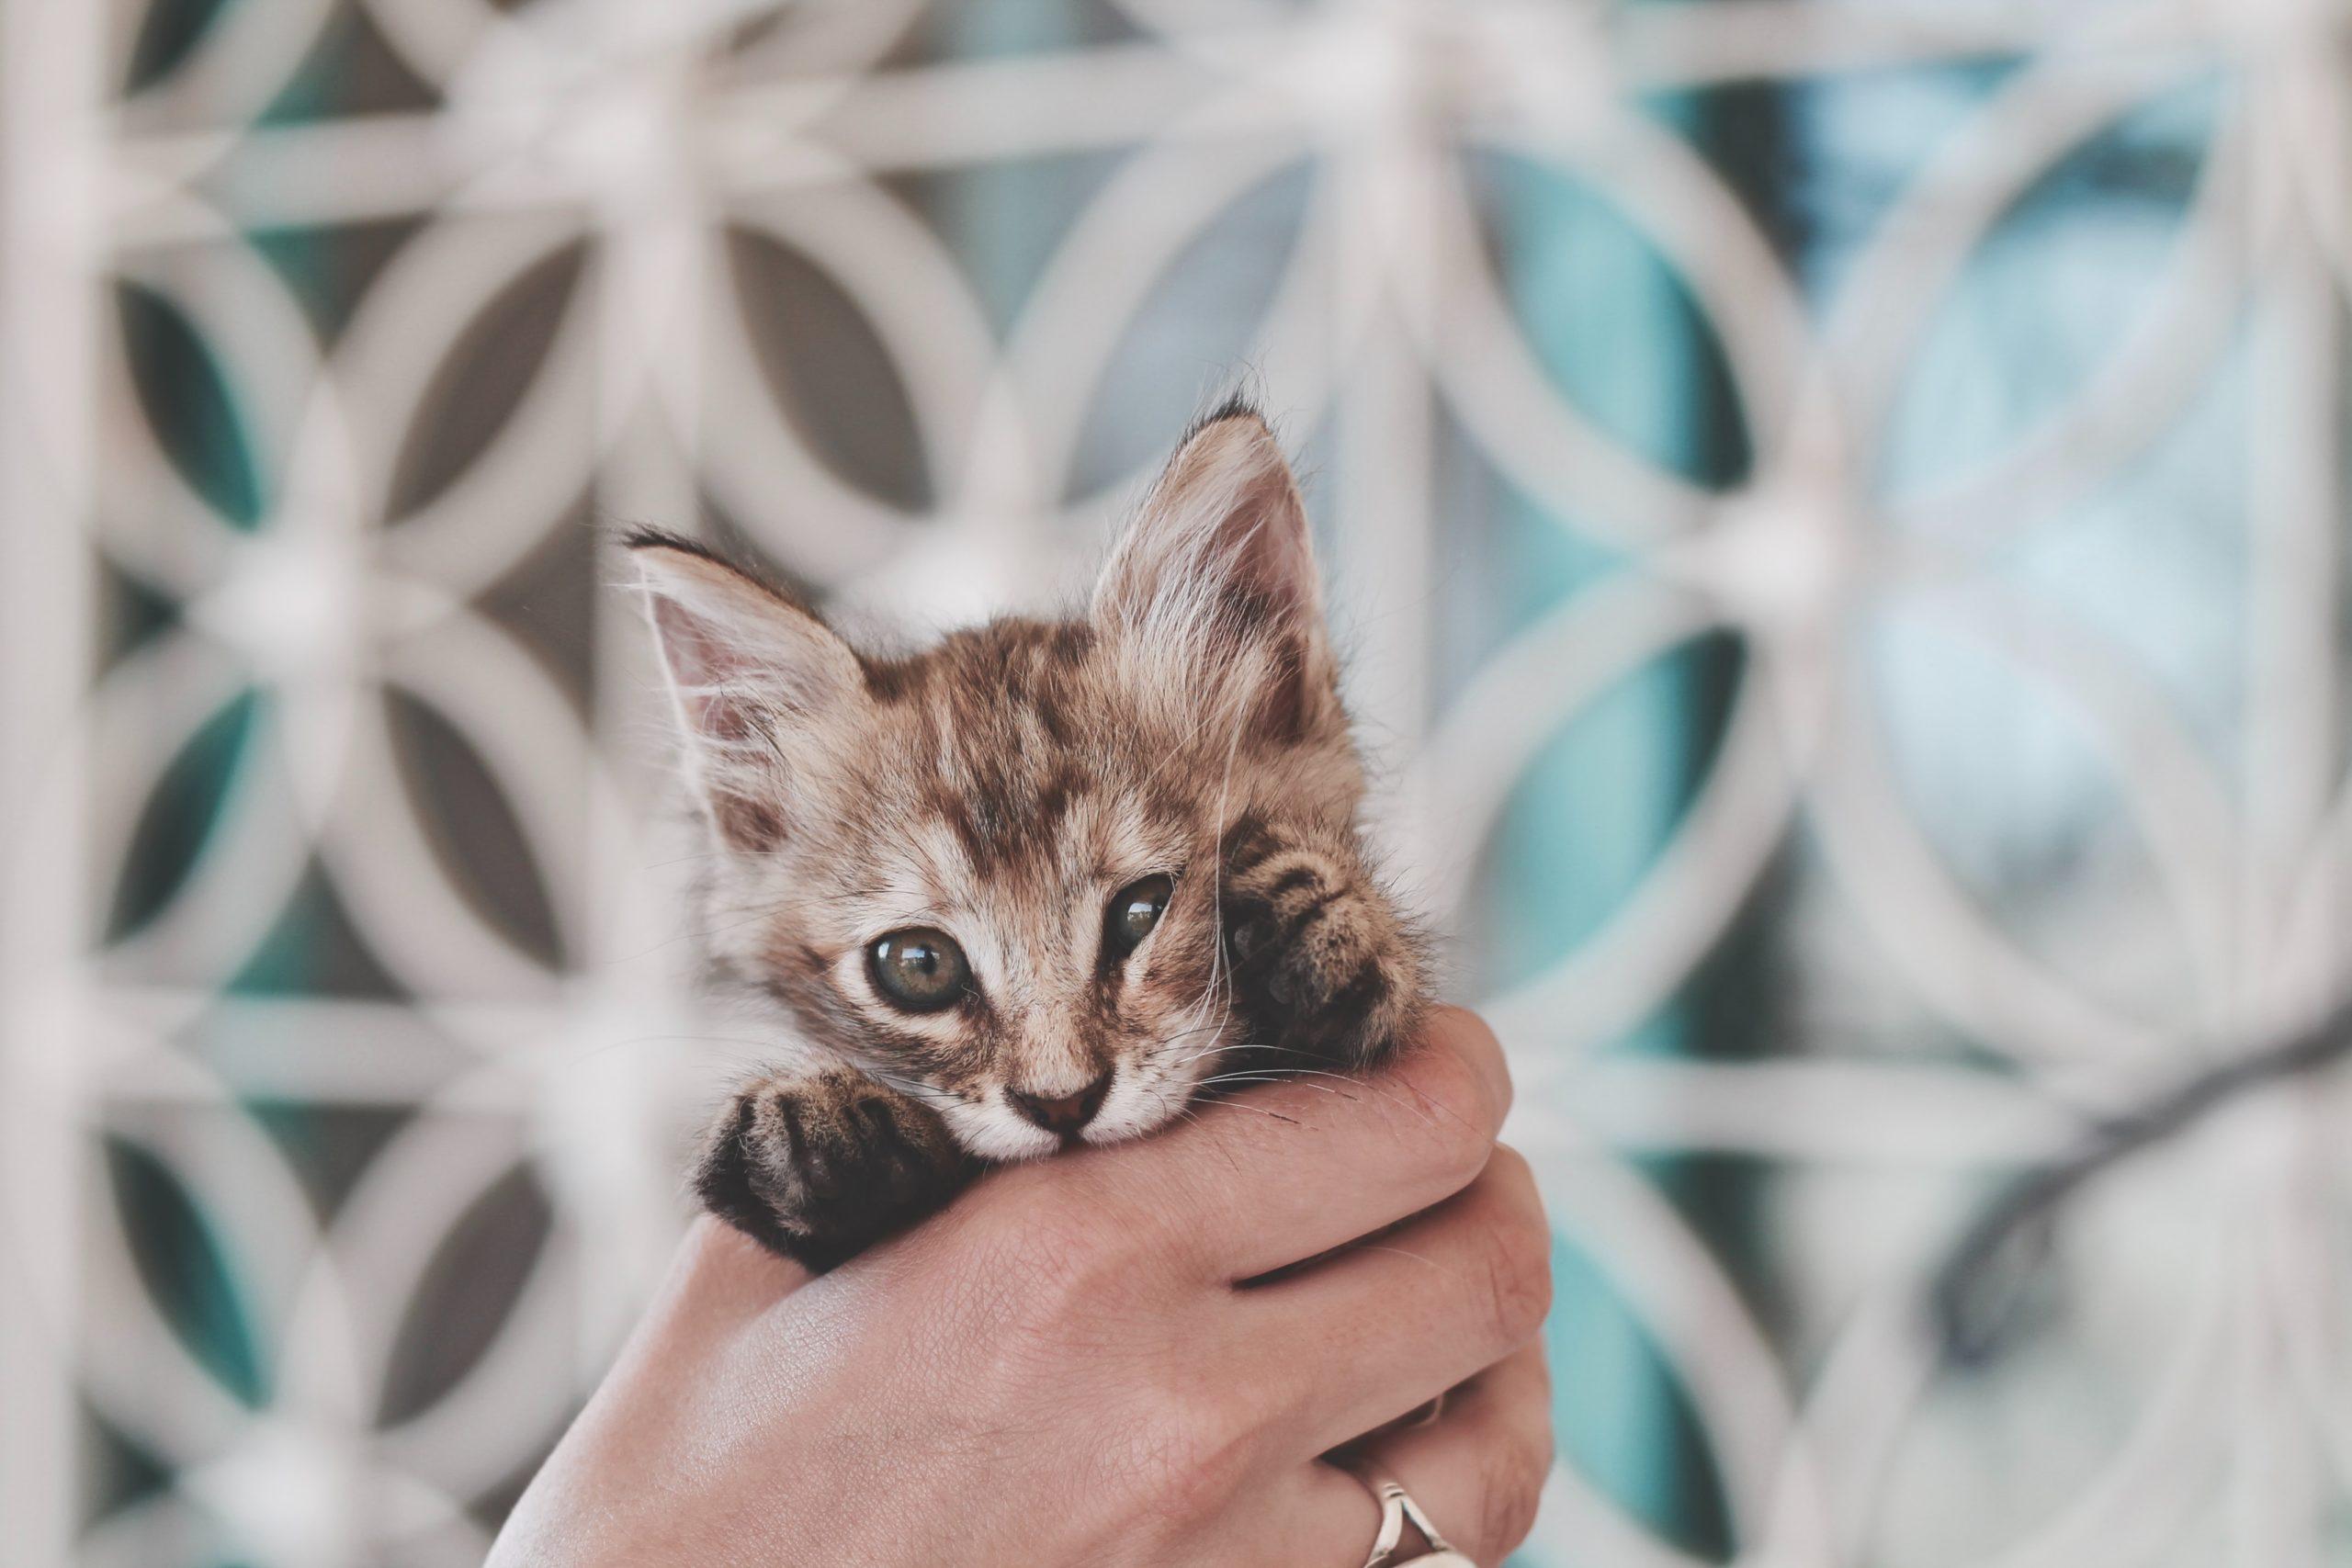 american keuda kitten